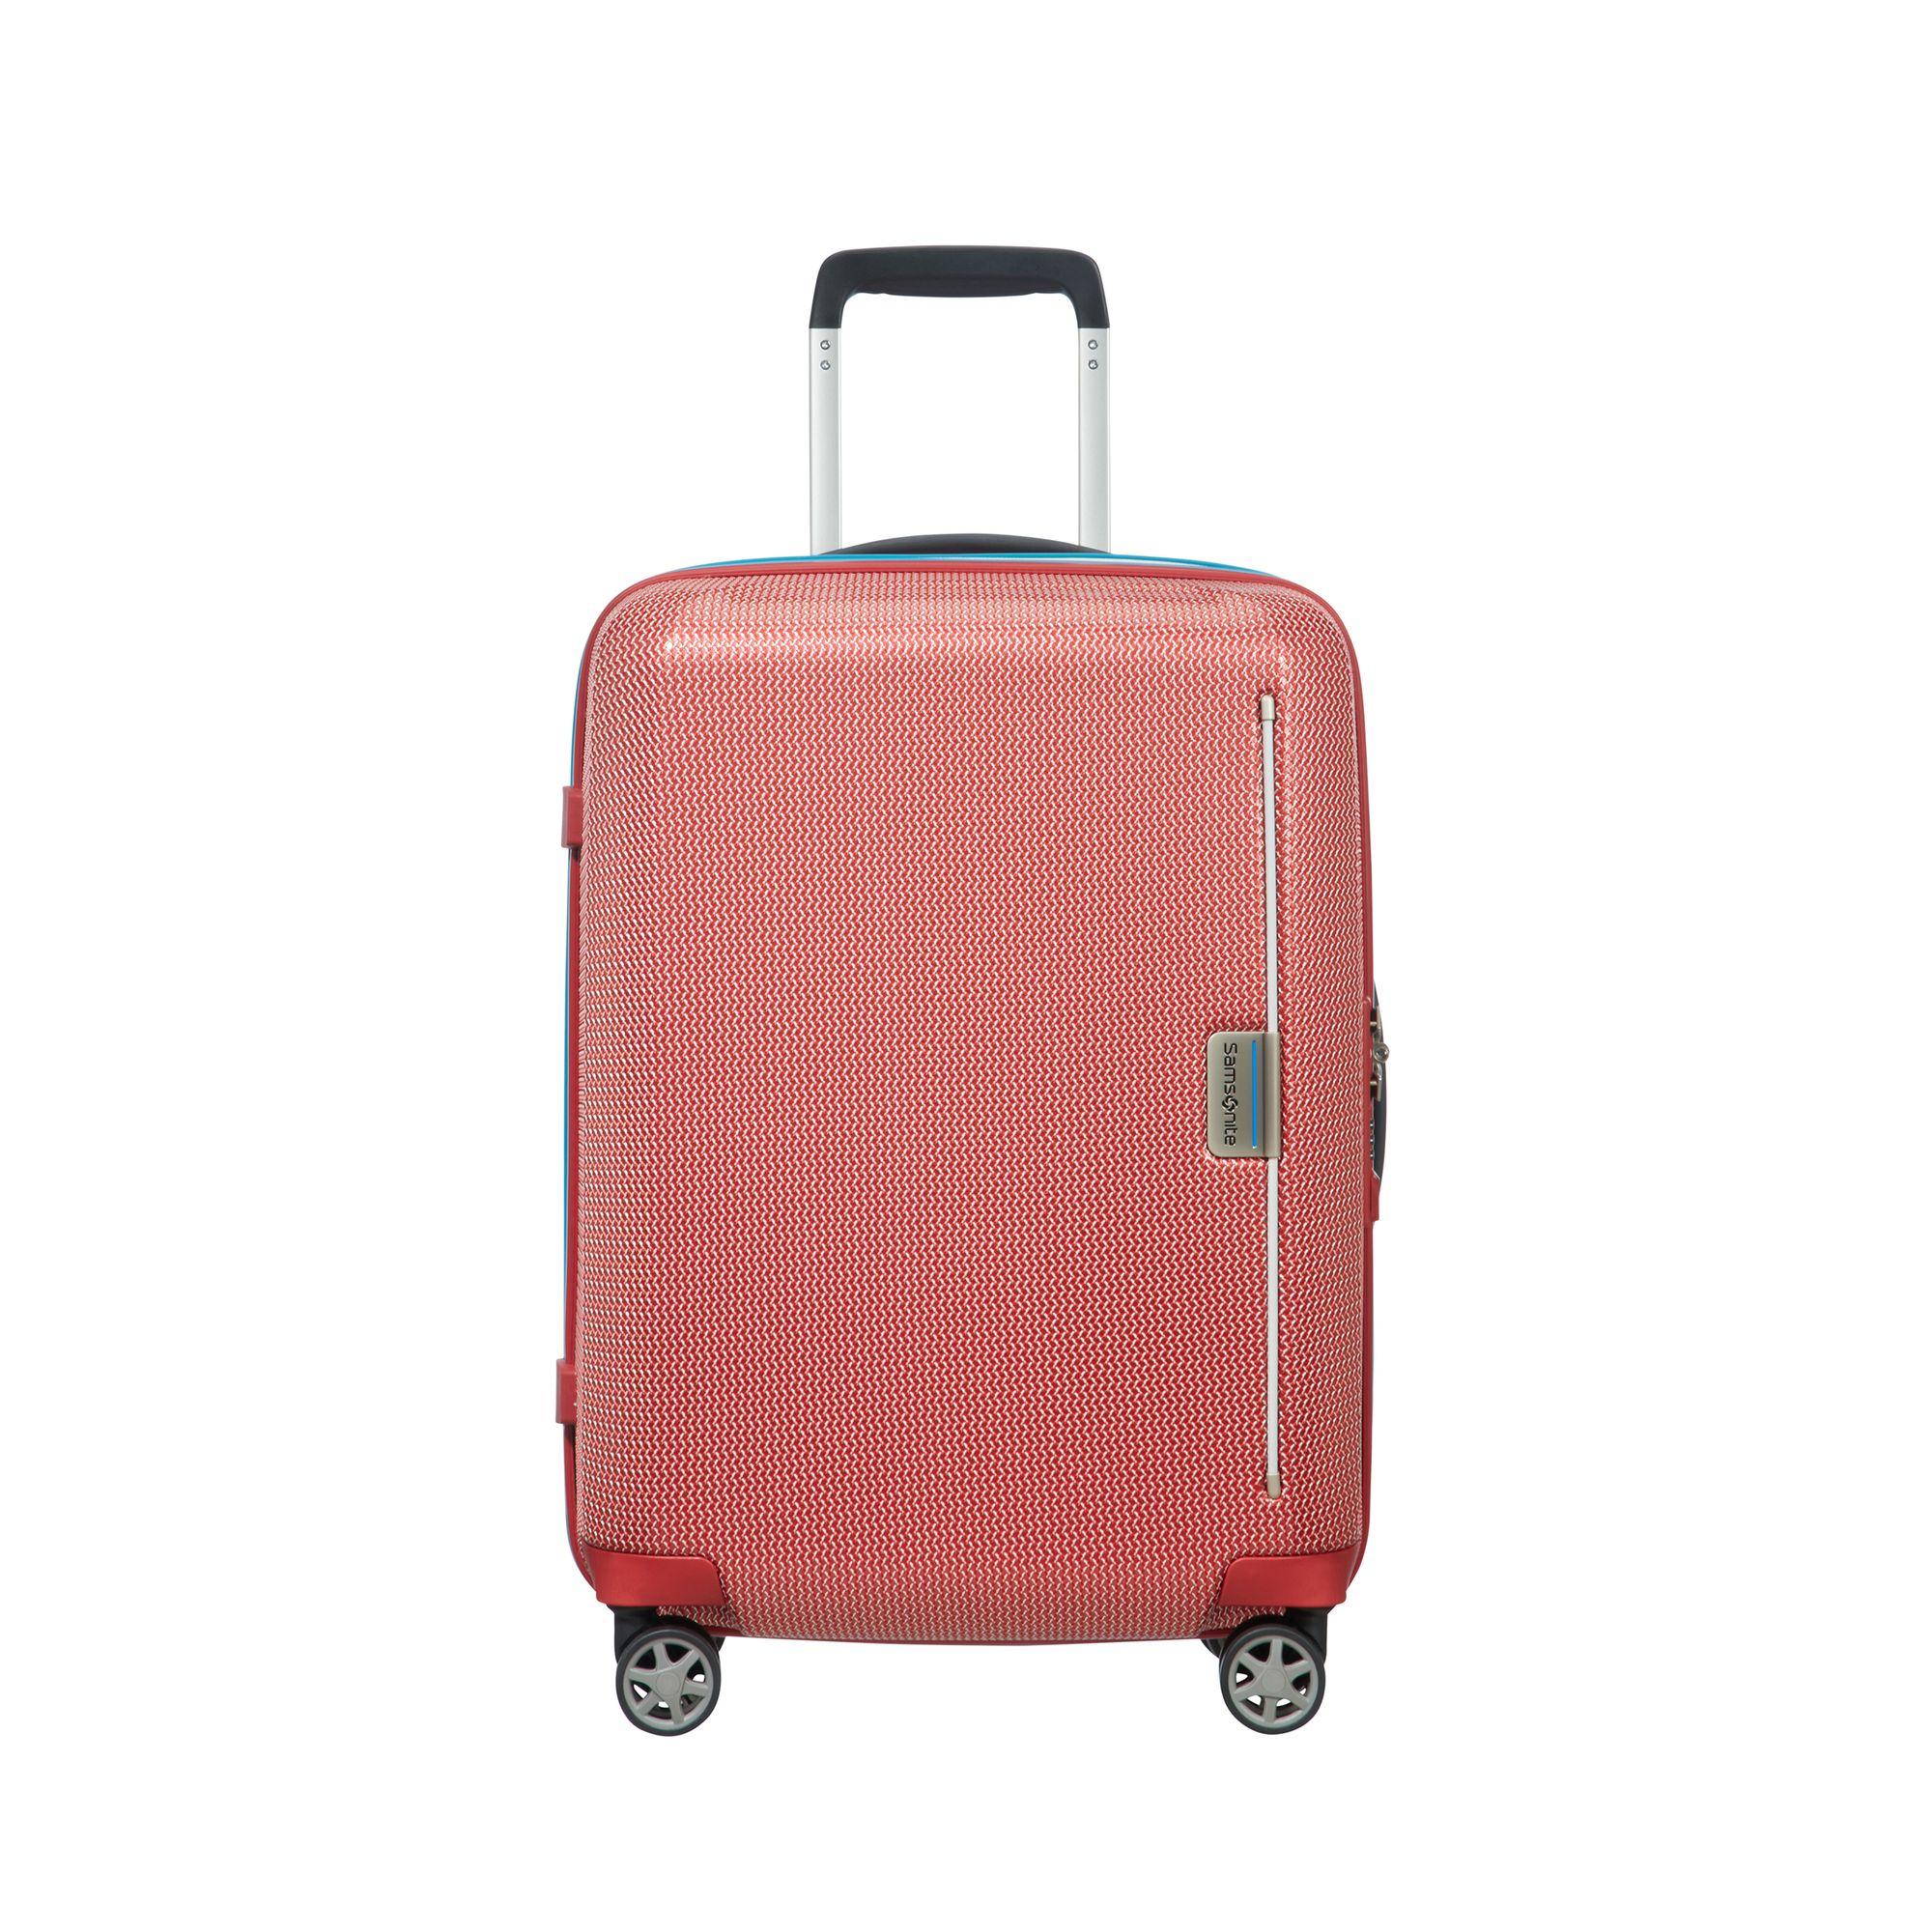 Samsonite Mixmesh, hård kabinväska, 4 hjul, 55cm, Röd